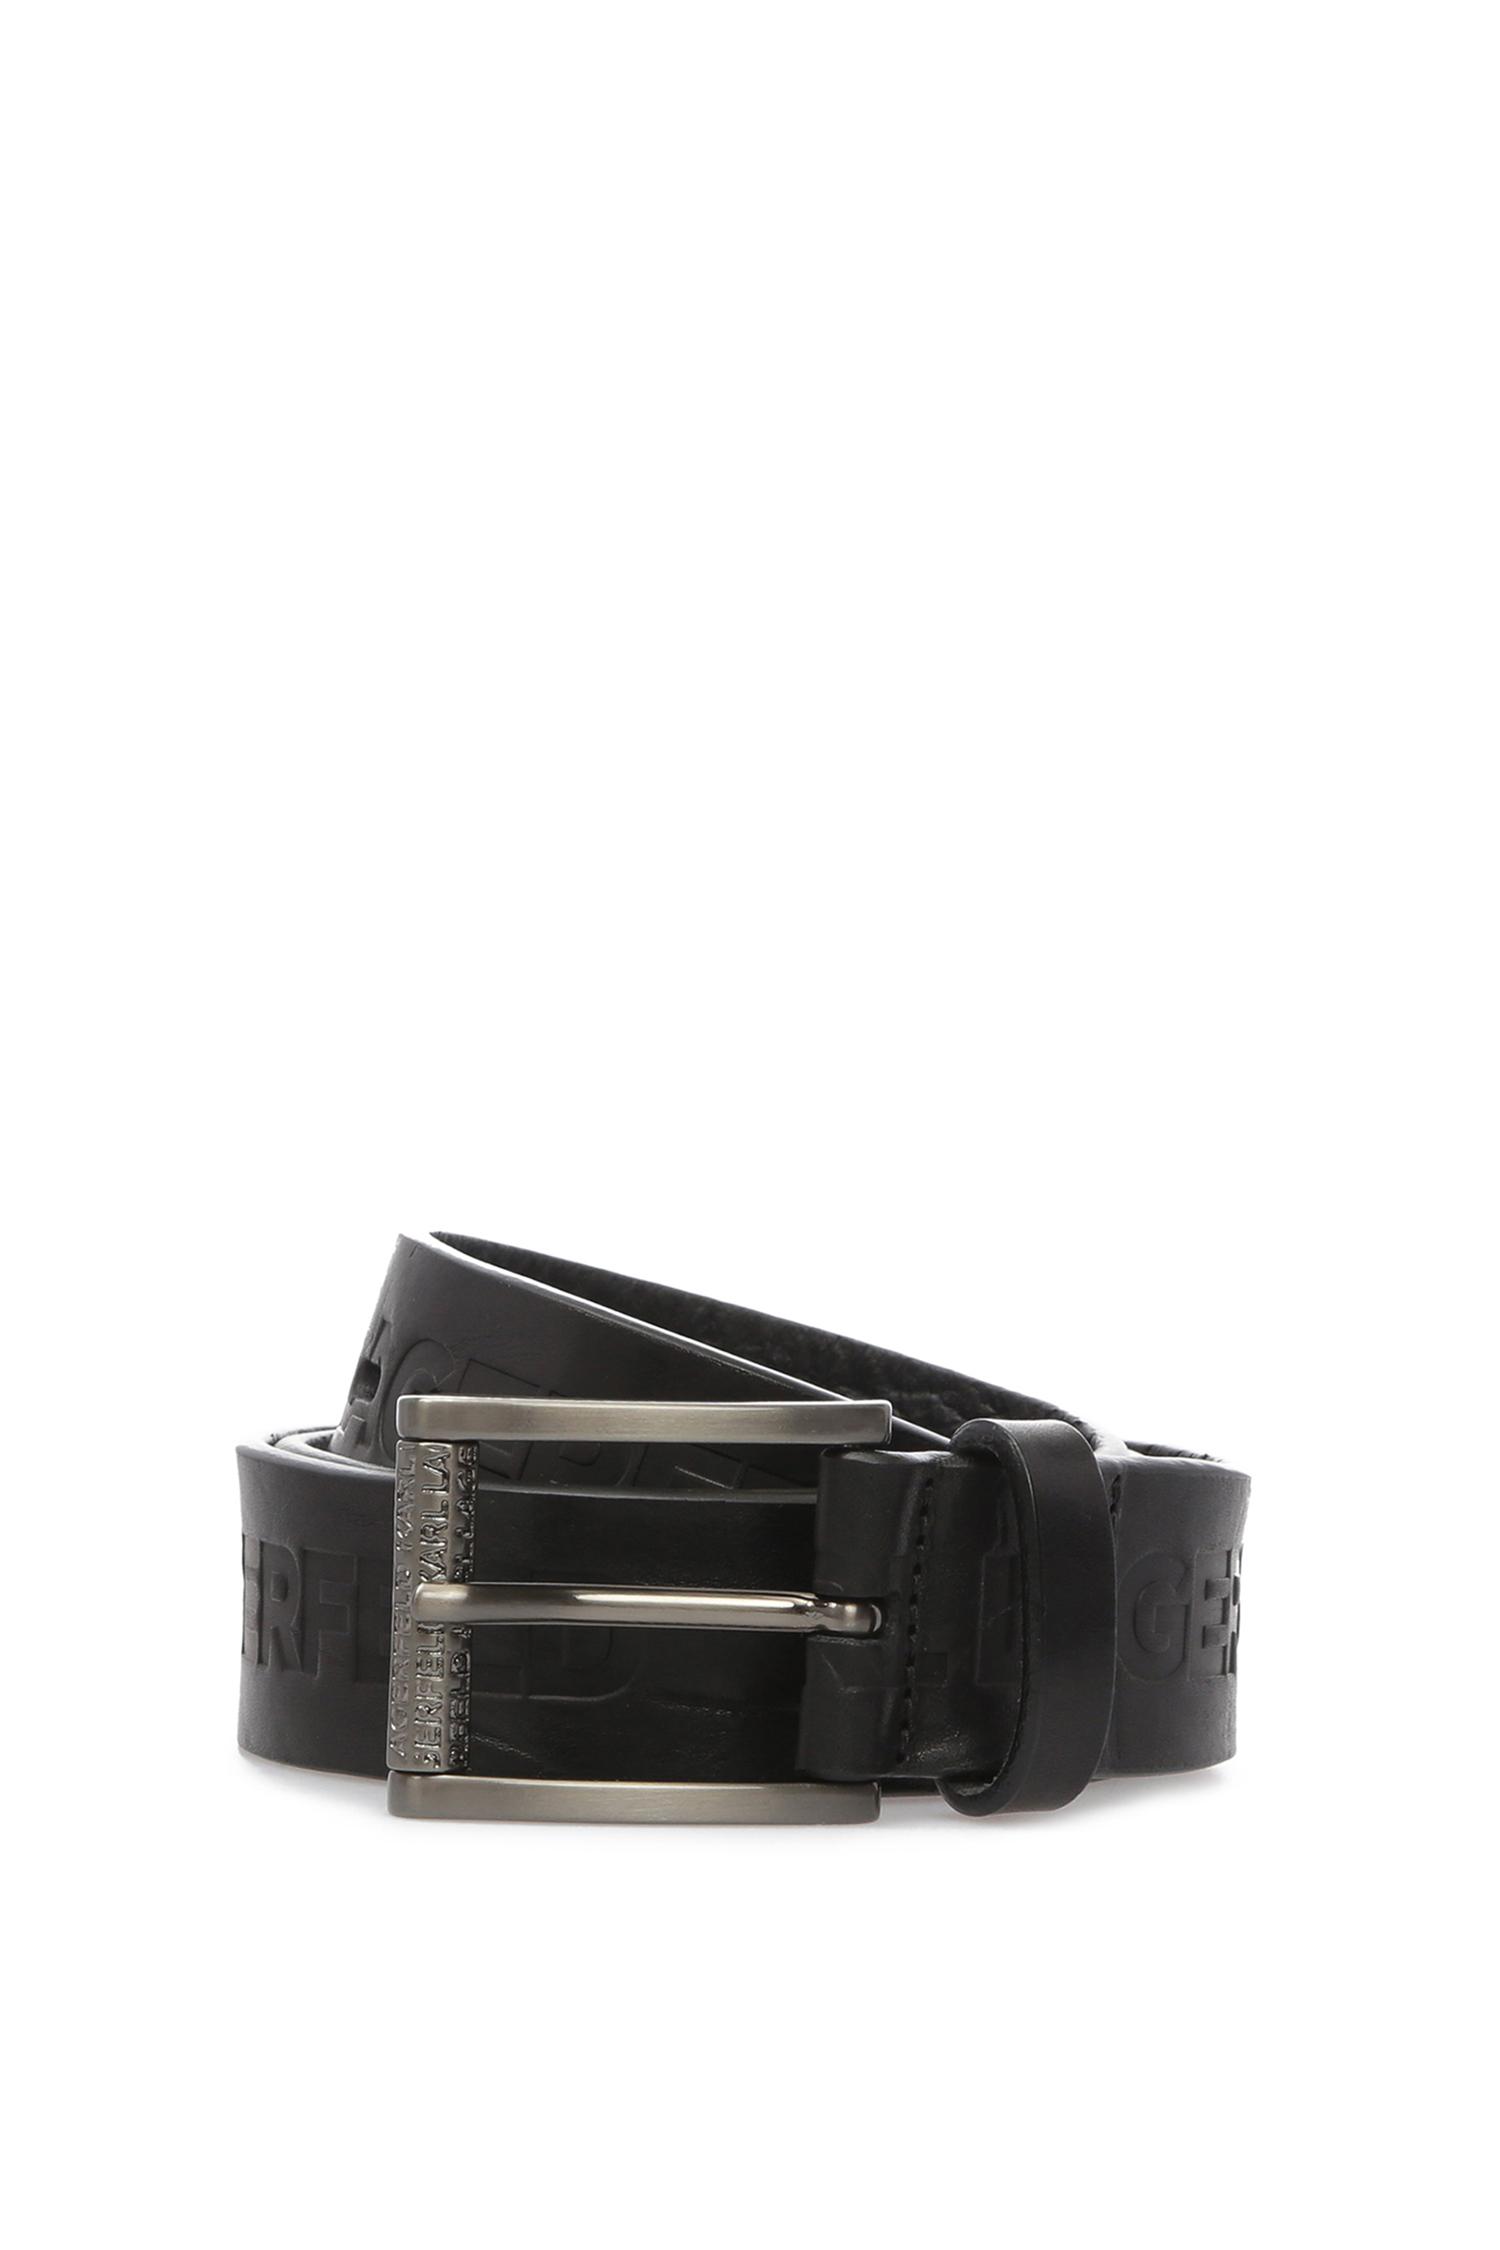 Мужской черный кожаный ремень Karl Lagerfeld 591448.815300;990